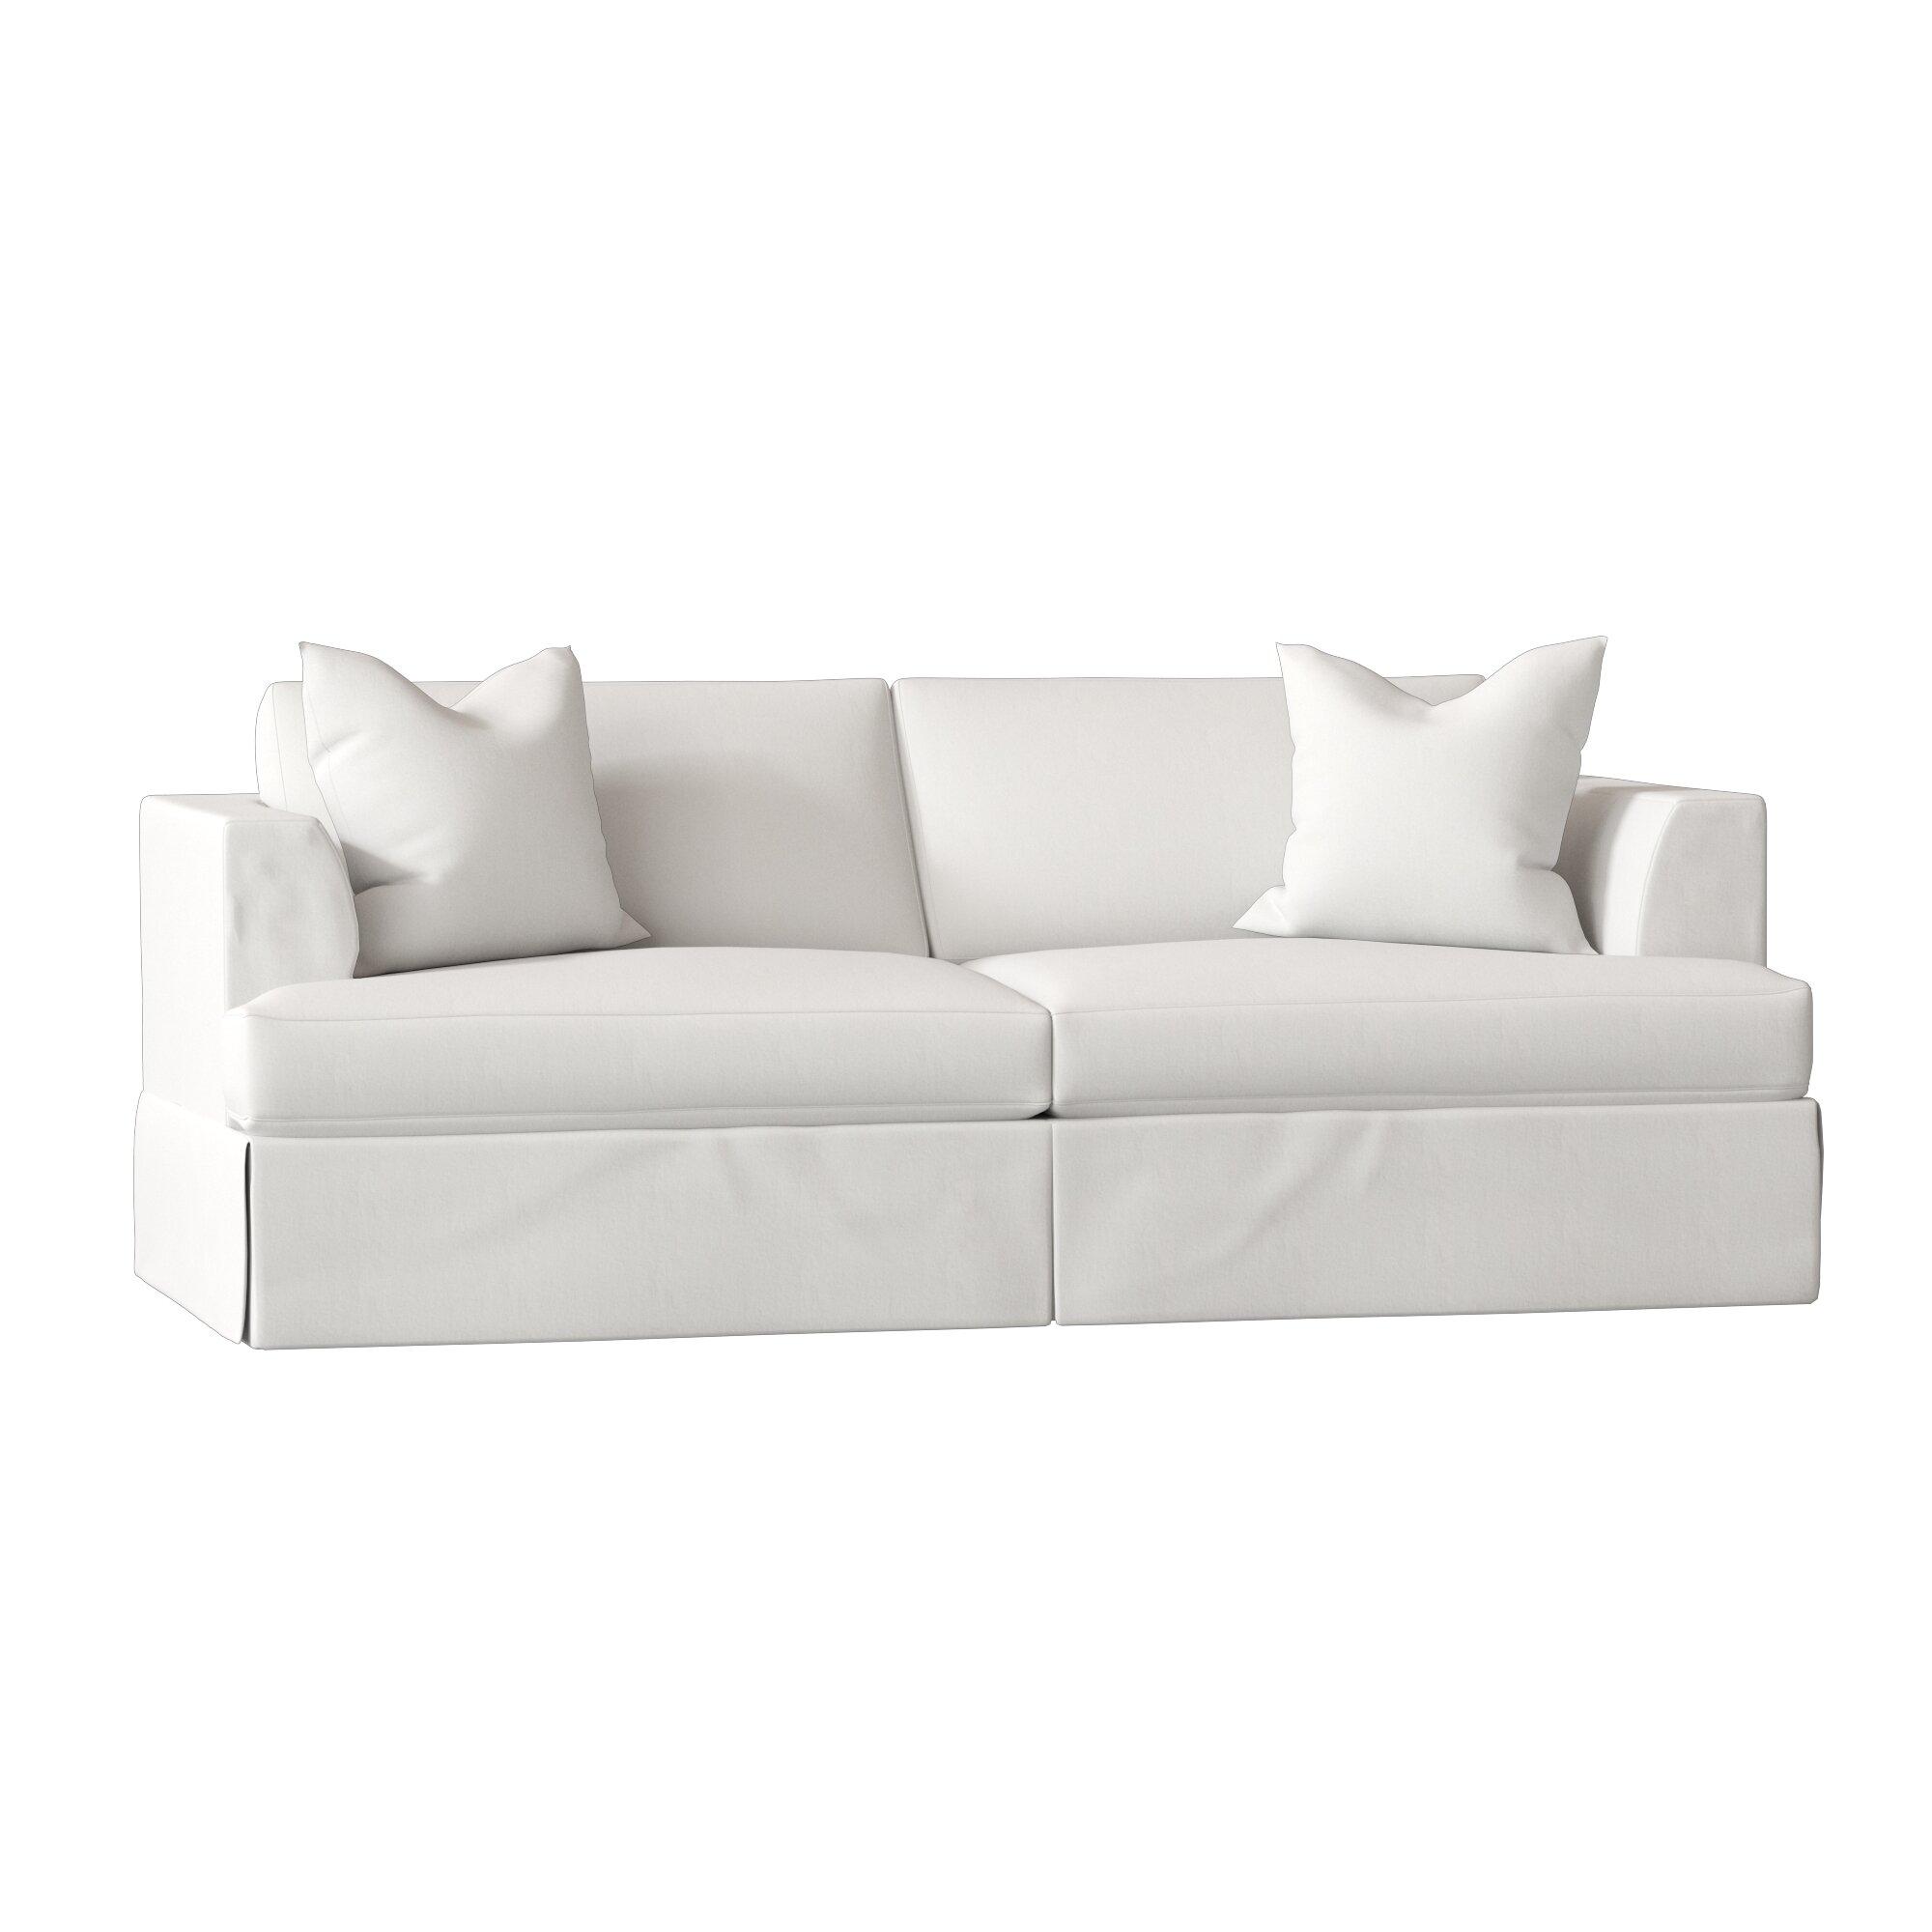 Felicia Sofa Bed Reviews Allmodern